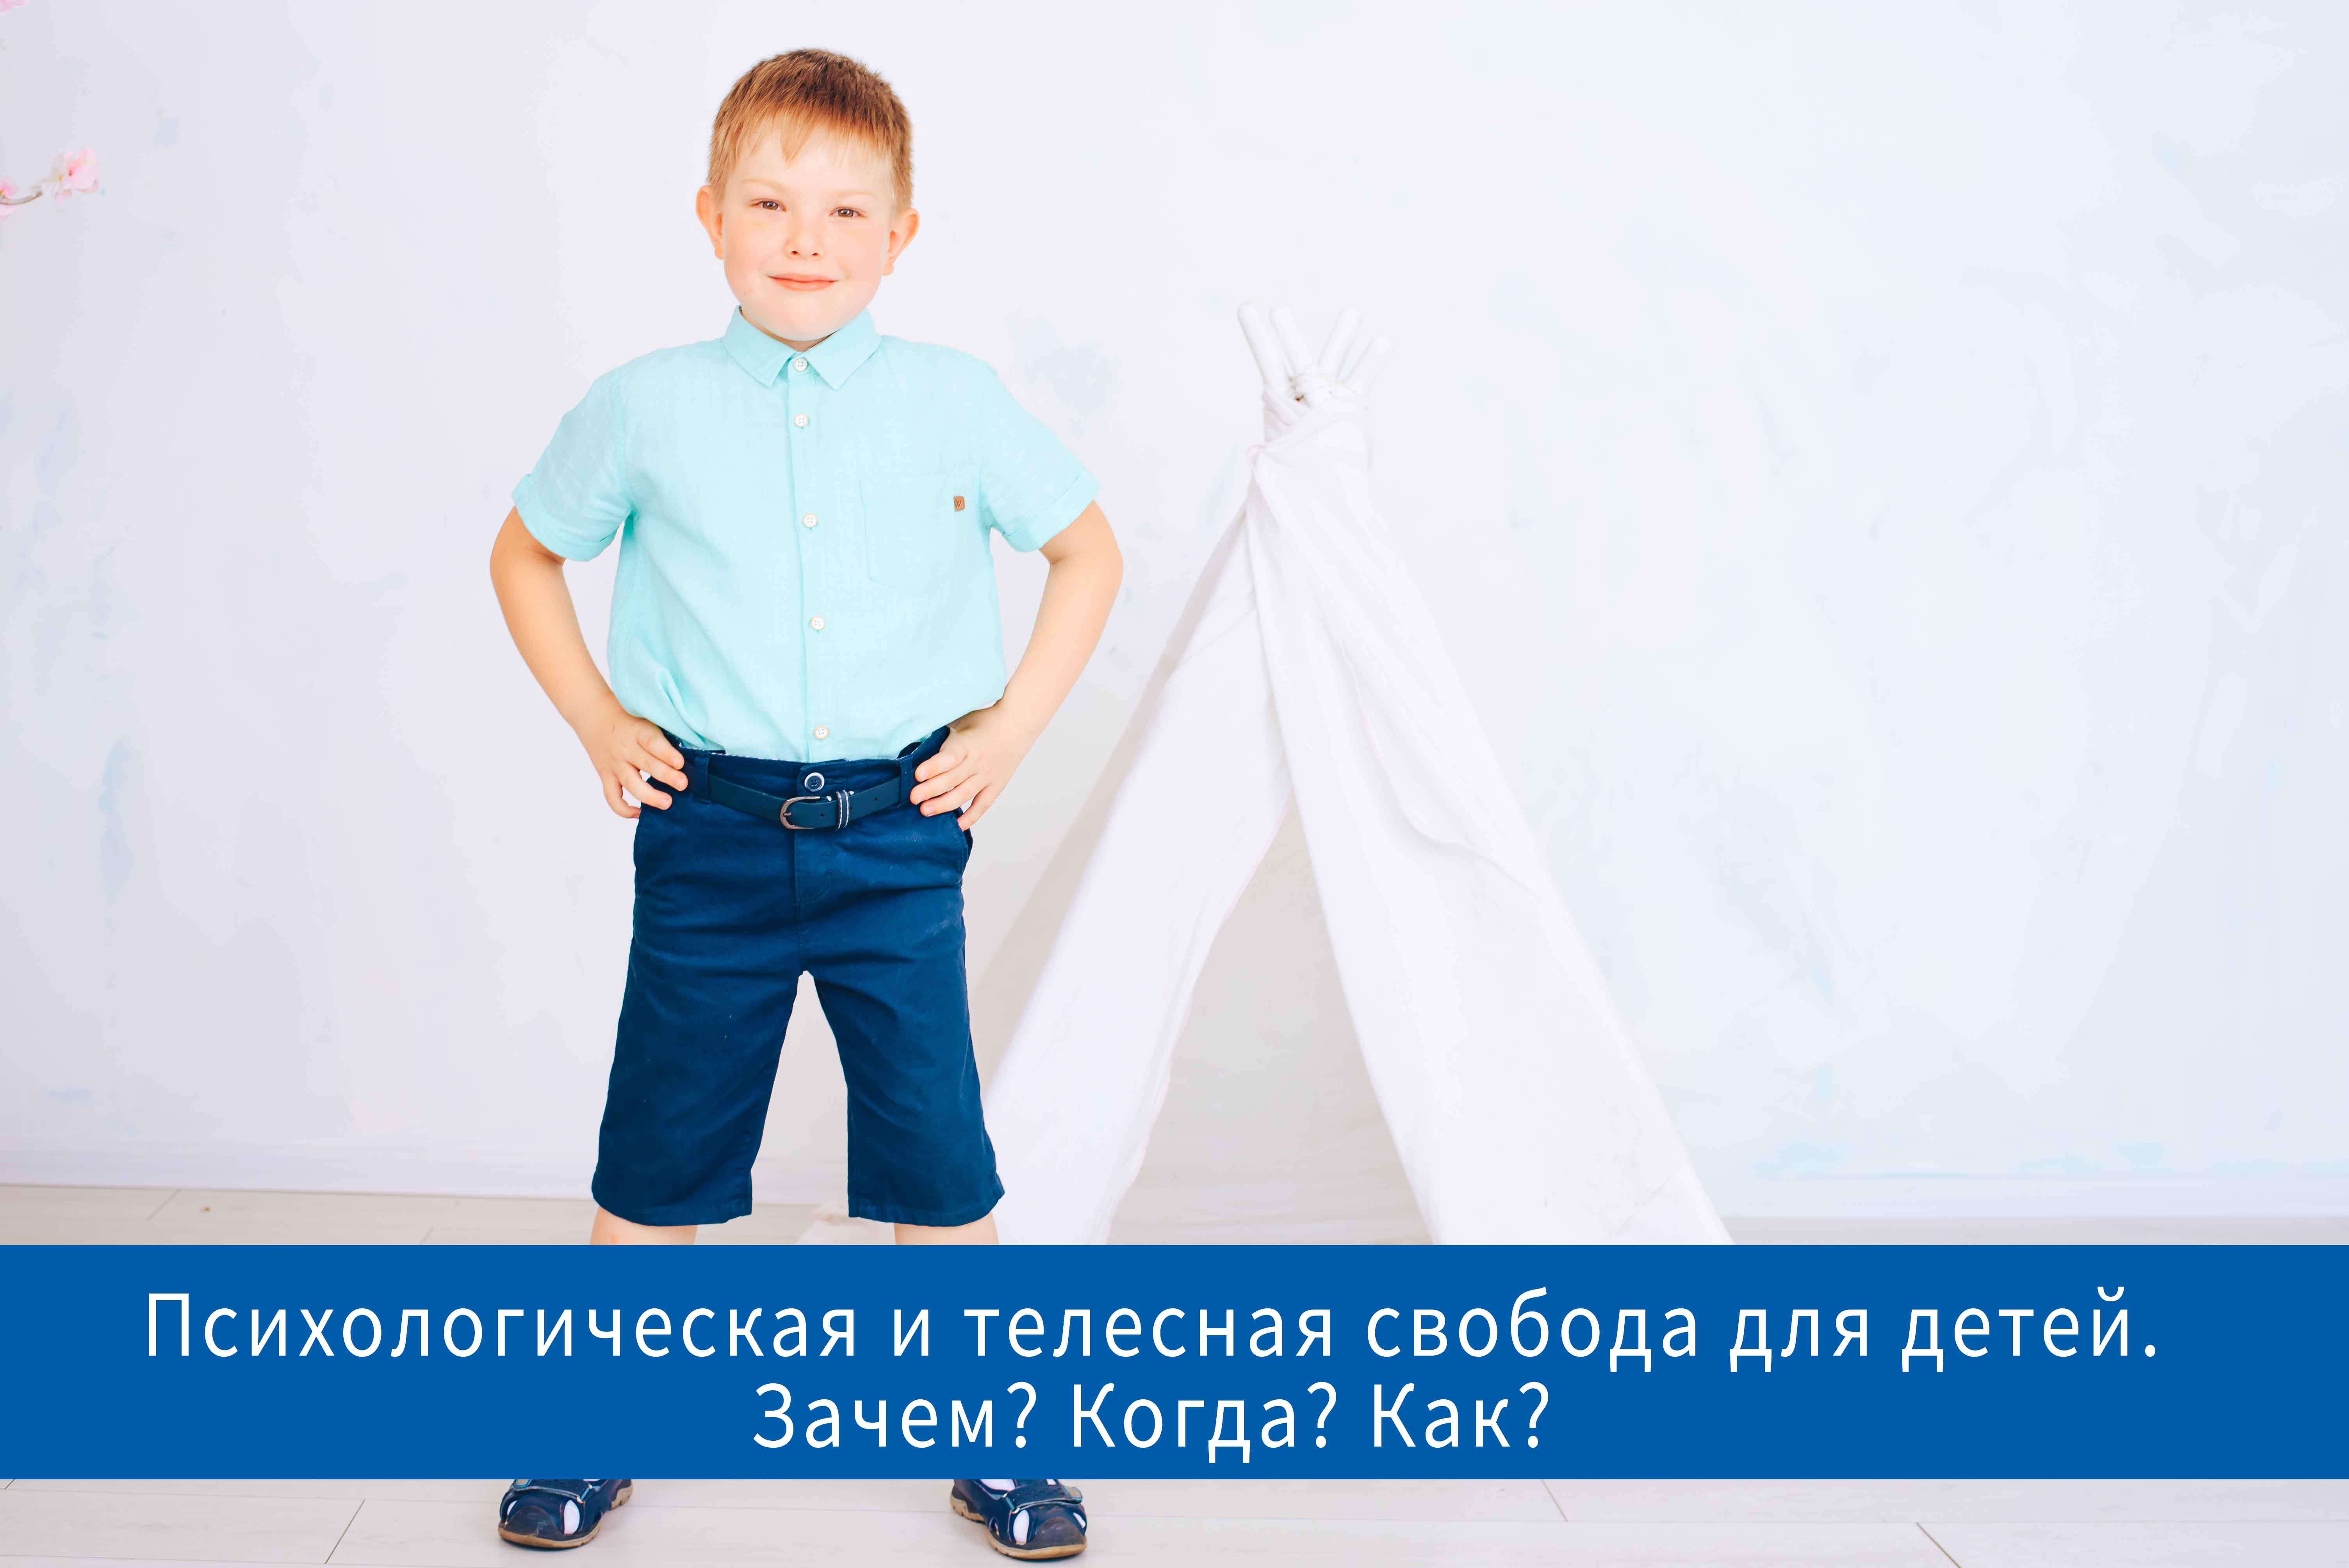 Психологическая и телесная свобода для детей. Зачем? Когда? Как?